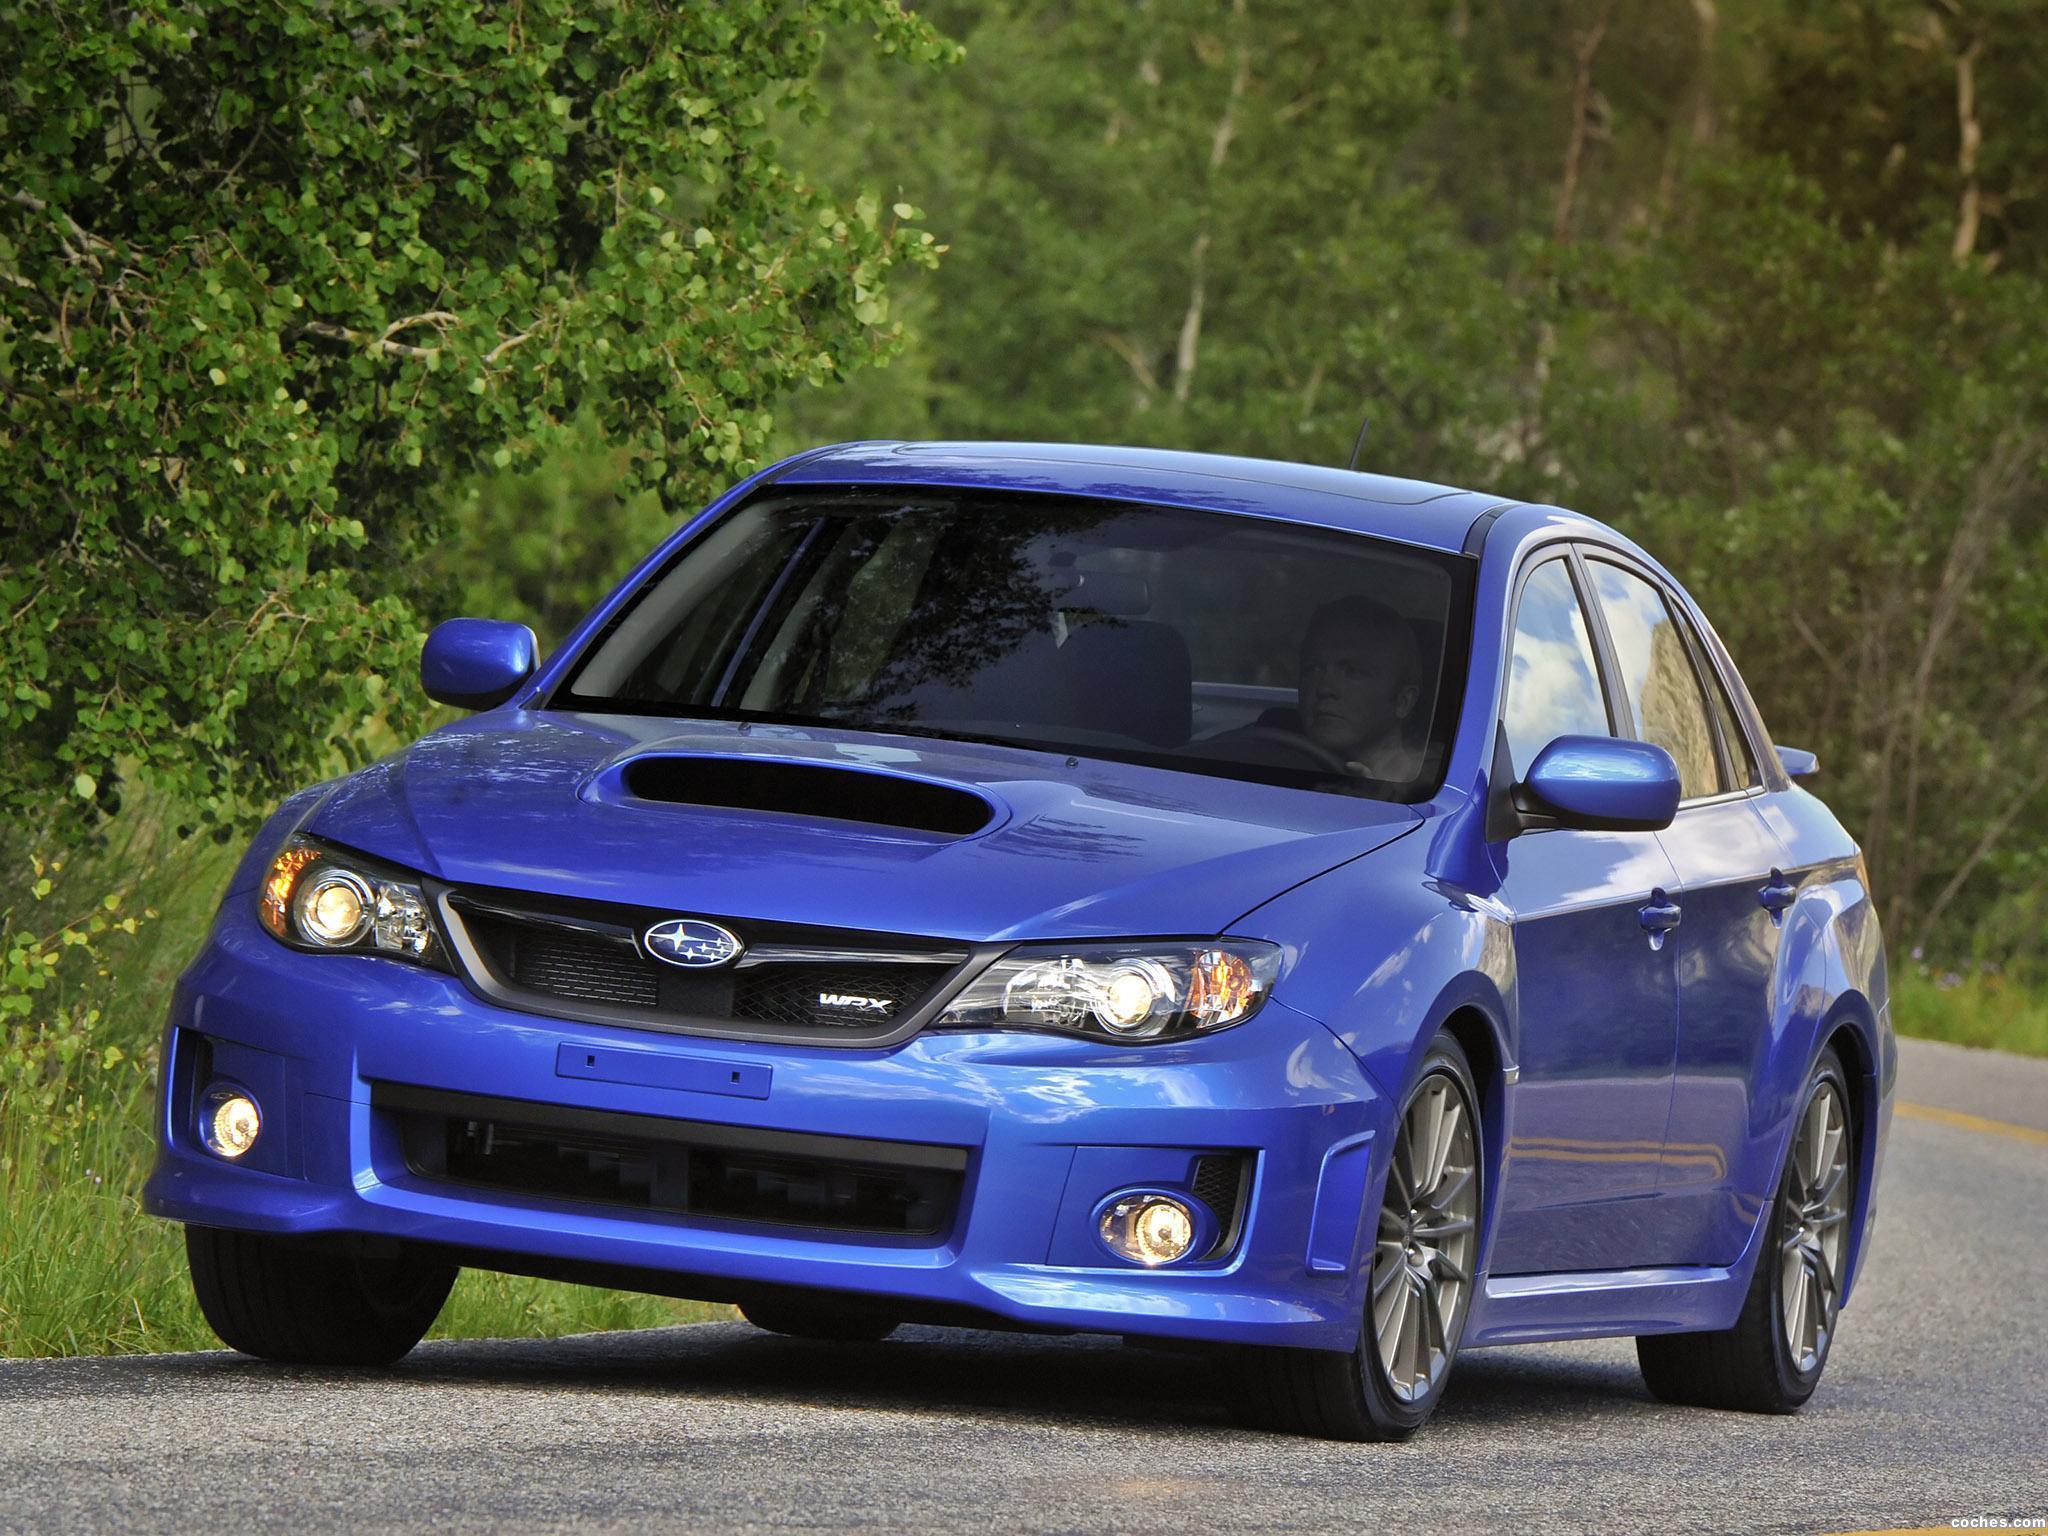 Foto 2 de Subaru Impreza WRX Sedan USA 2010